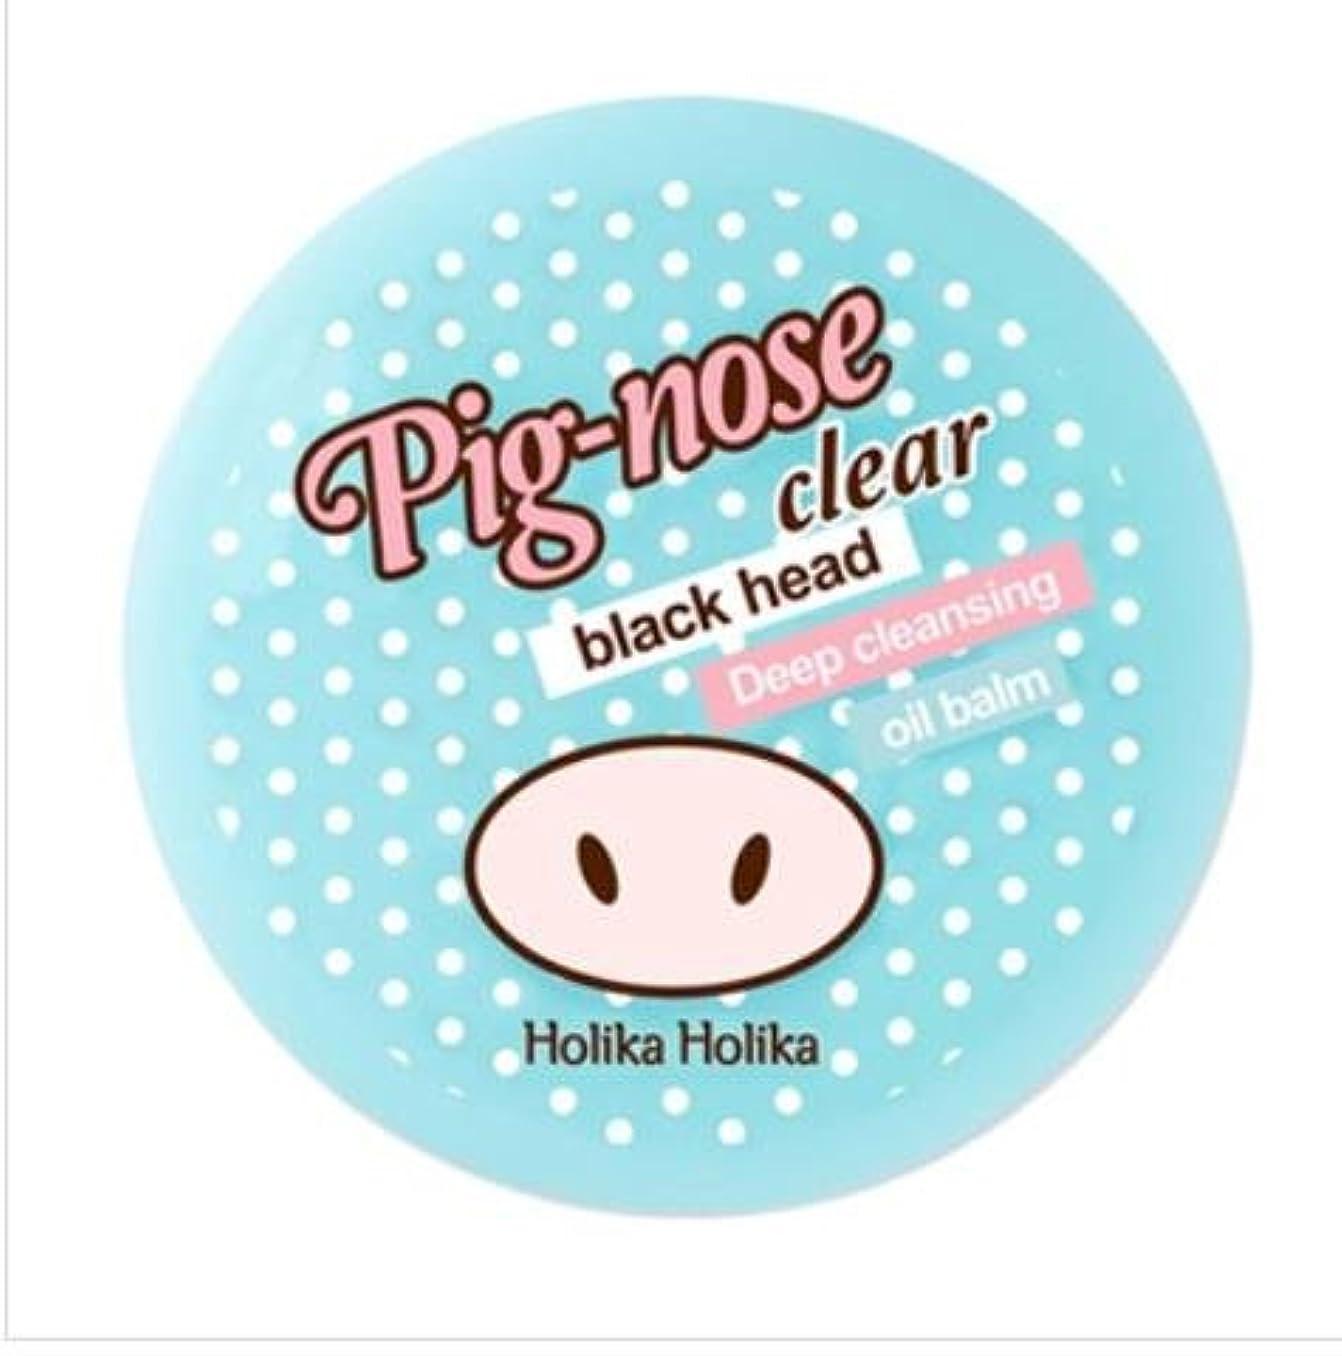 [ホリカホリカ] Holika Holika [Pig Nose Clear Black Head Deep Cleansing Oil Balm] (ピッグノーズクリア ブラックヘッド ディープクレンジング オイルバーム...